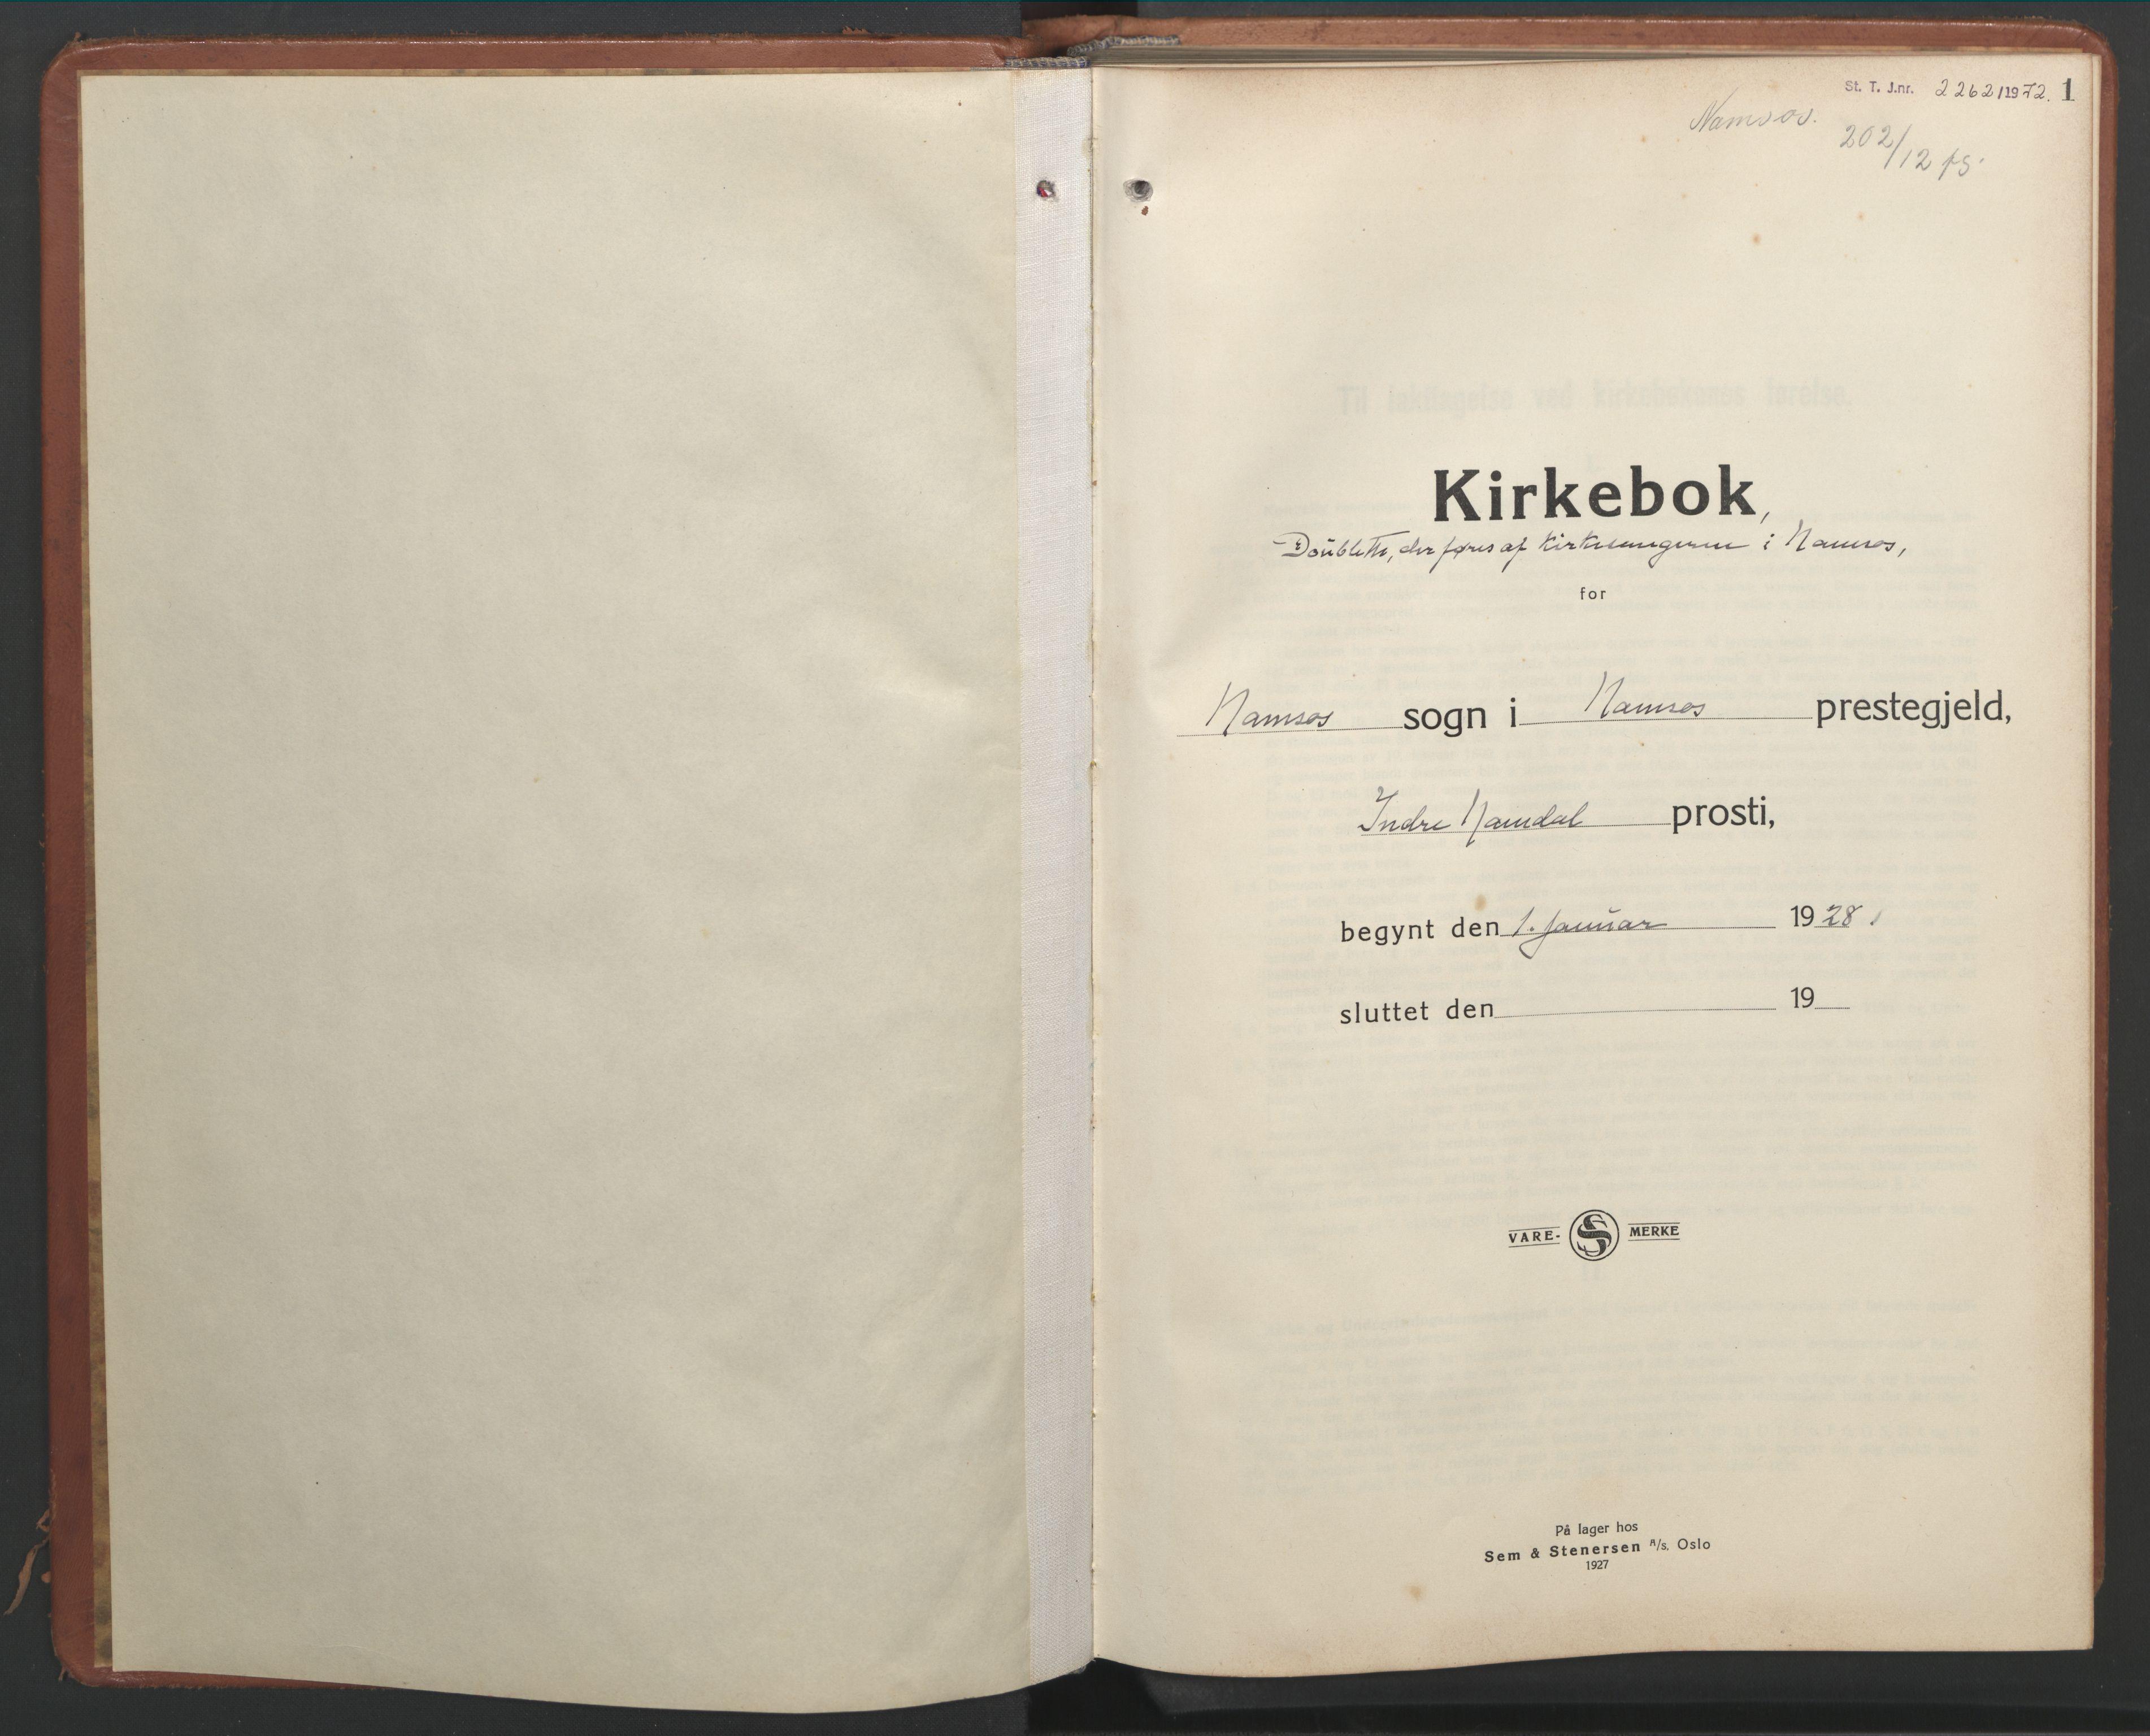 SAT, Ministerialprotokoller, klokkerbøker og fødselsregistre - Nord-Trøndelag, 768/L0583: Klokkerbok nr. 768C01, 1928-1953, s. 1